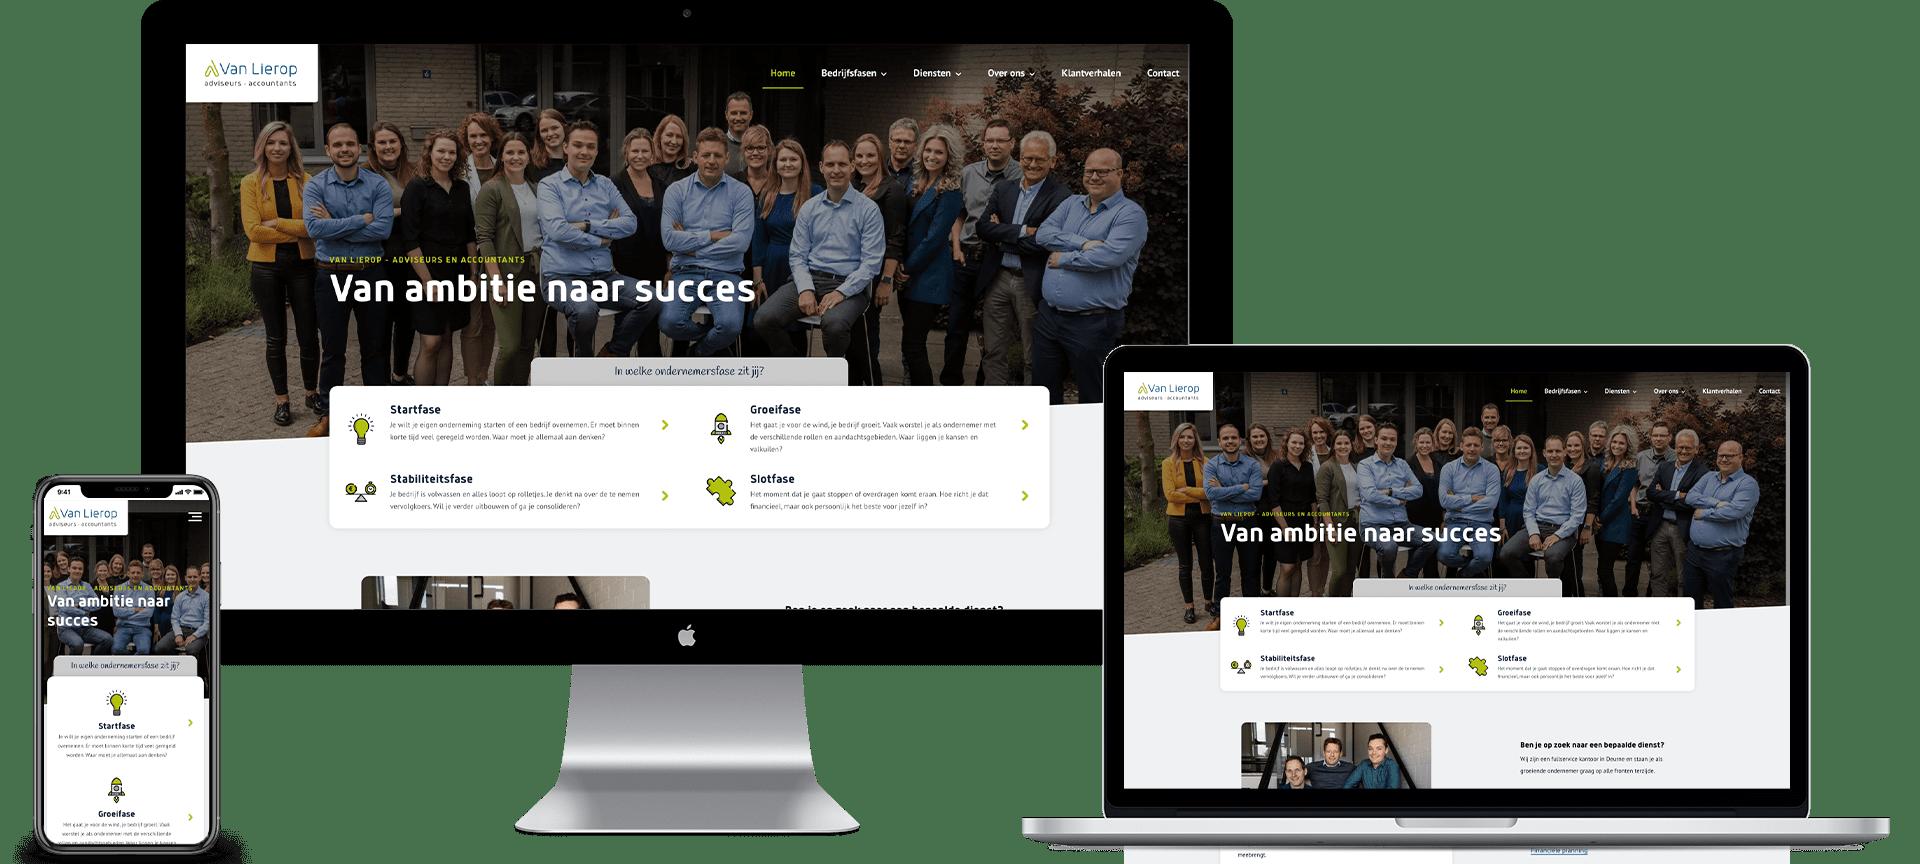 Mock-up van de homepage van de nieuwe website voor Van Lierop Advies op iMac, Macbook en iPhone.